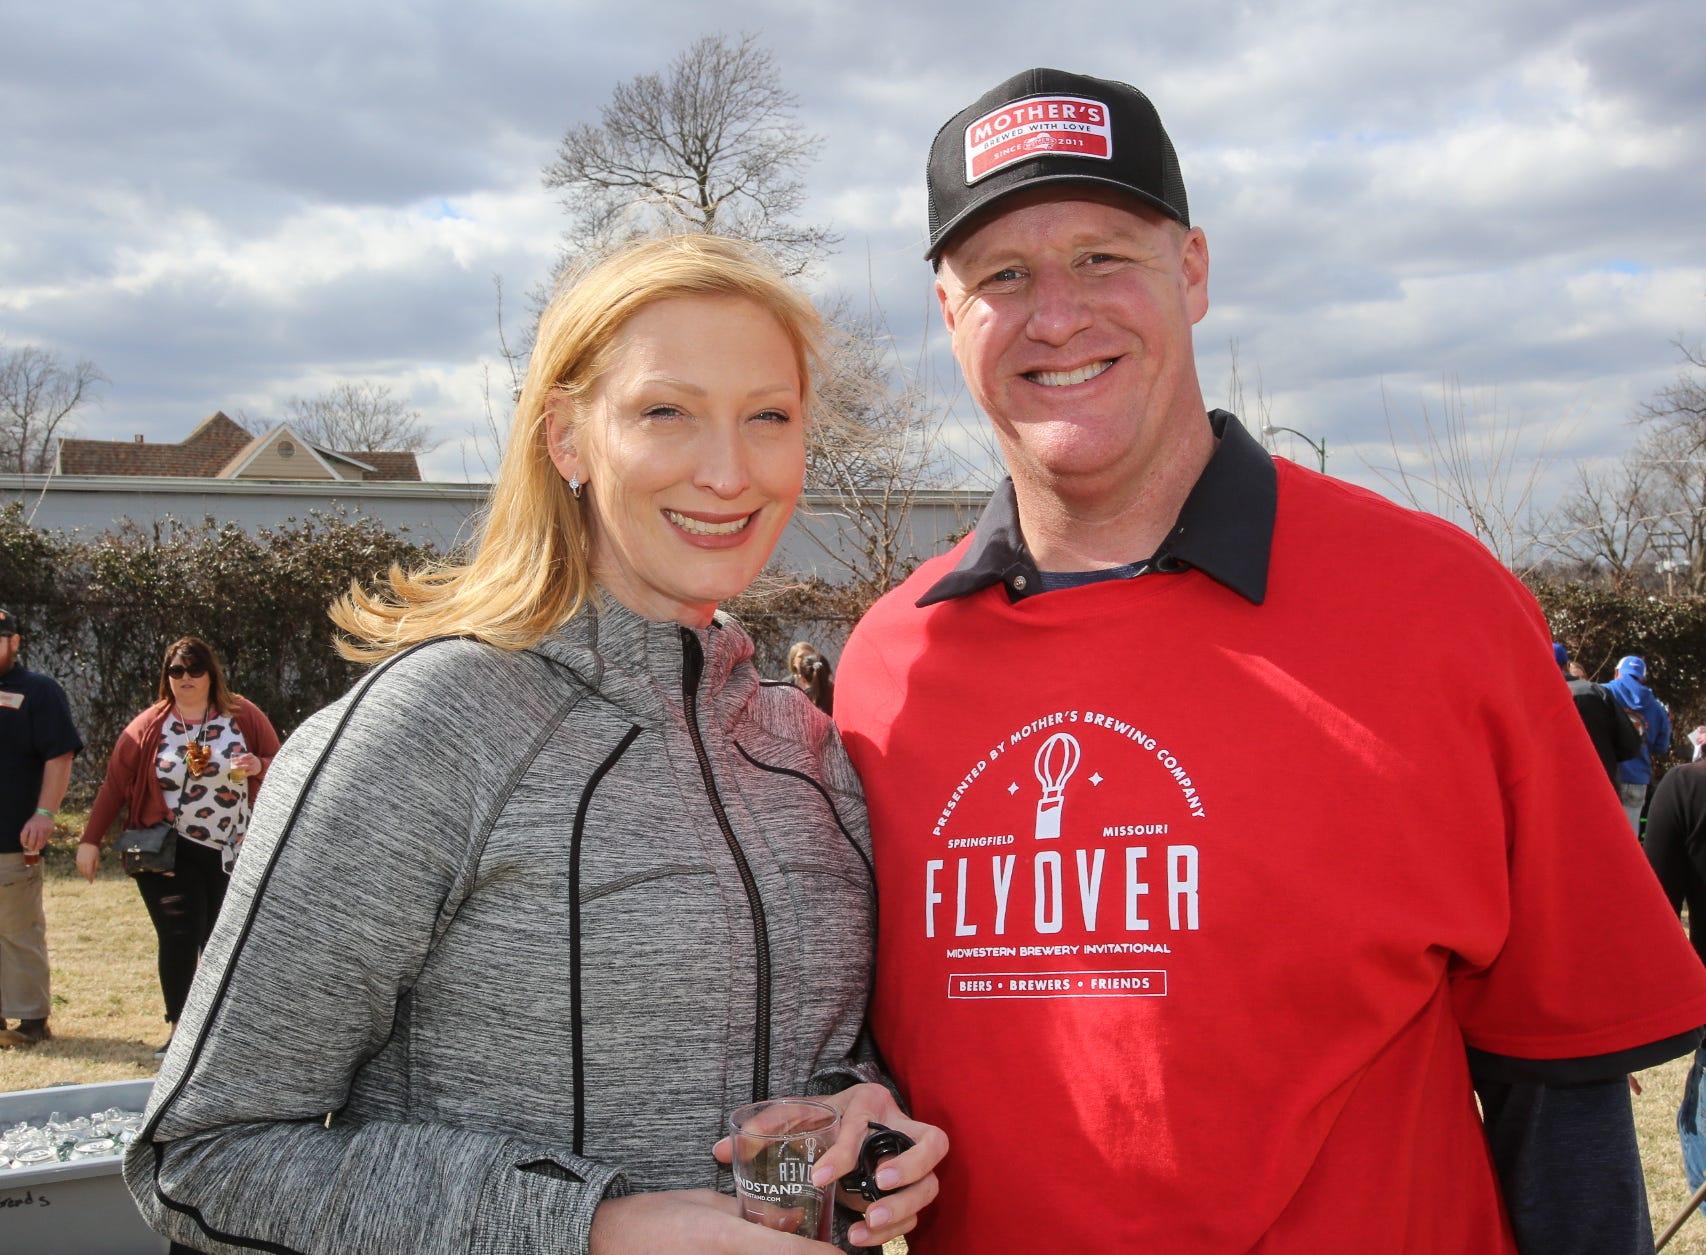 Tammy Swendarski and Jeff Abbott